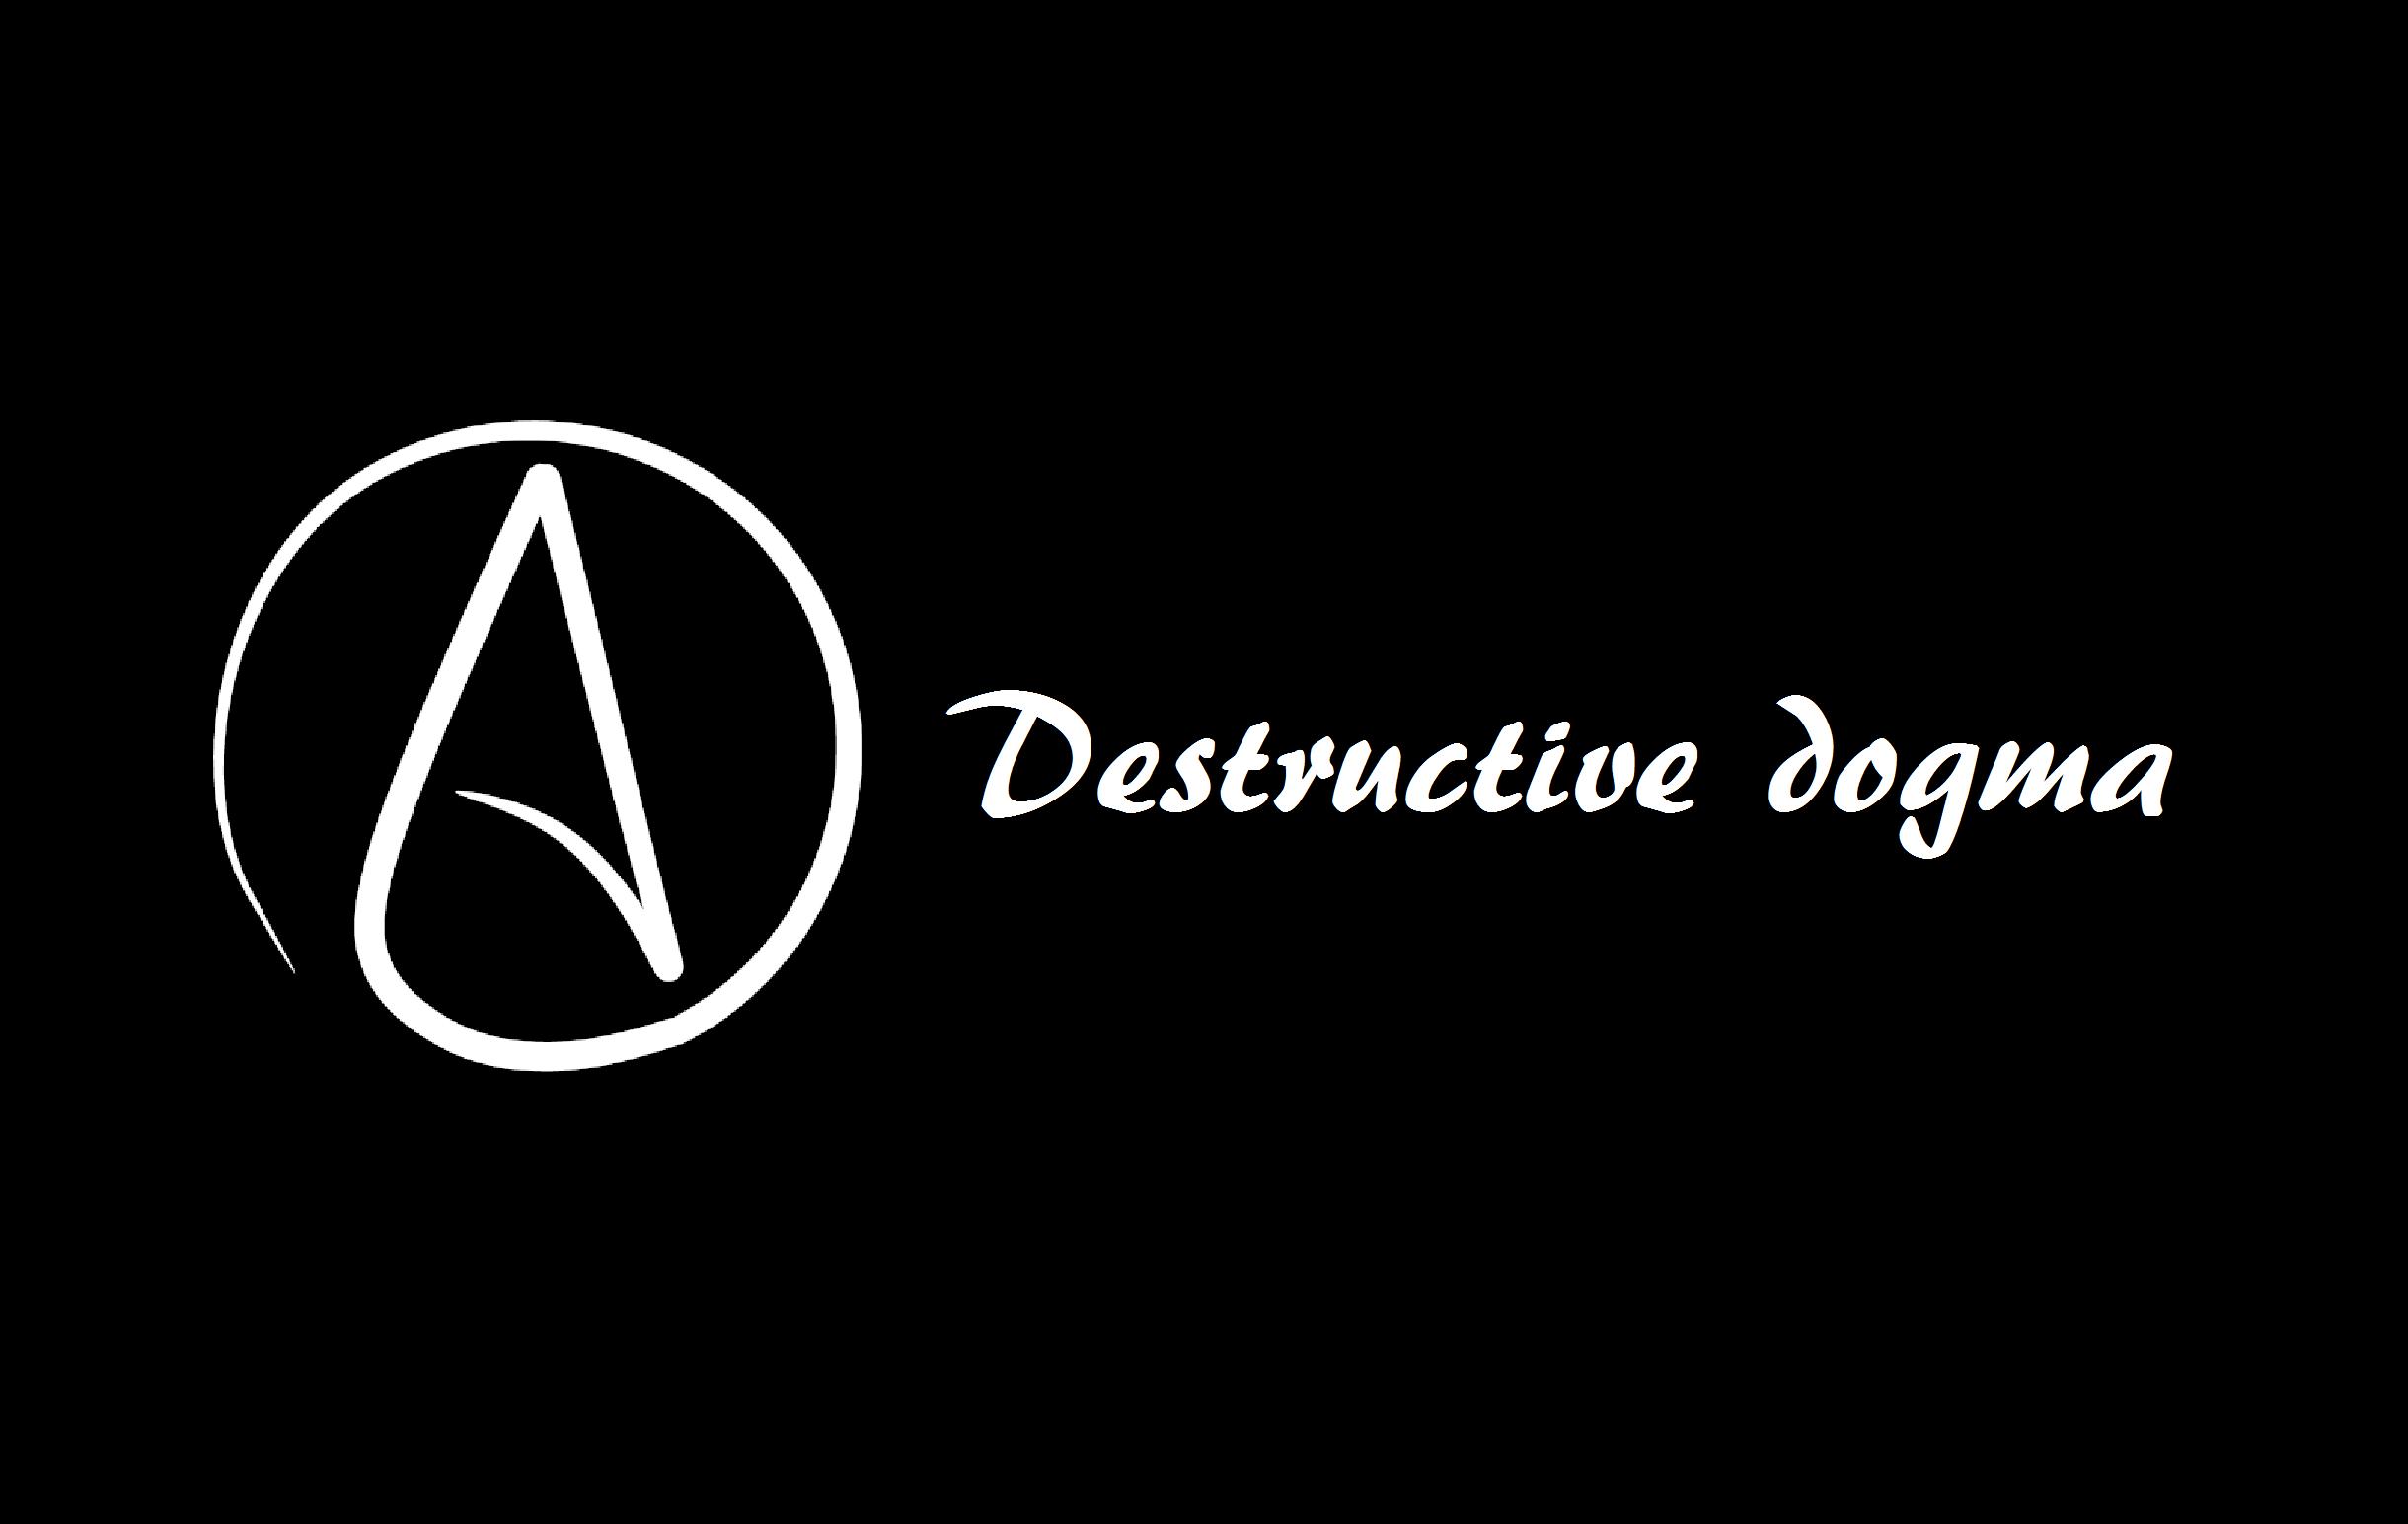 Destructive dogma